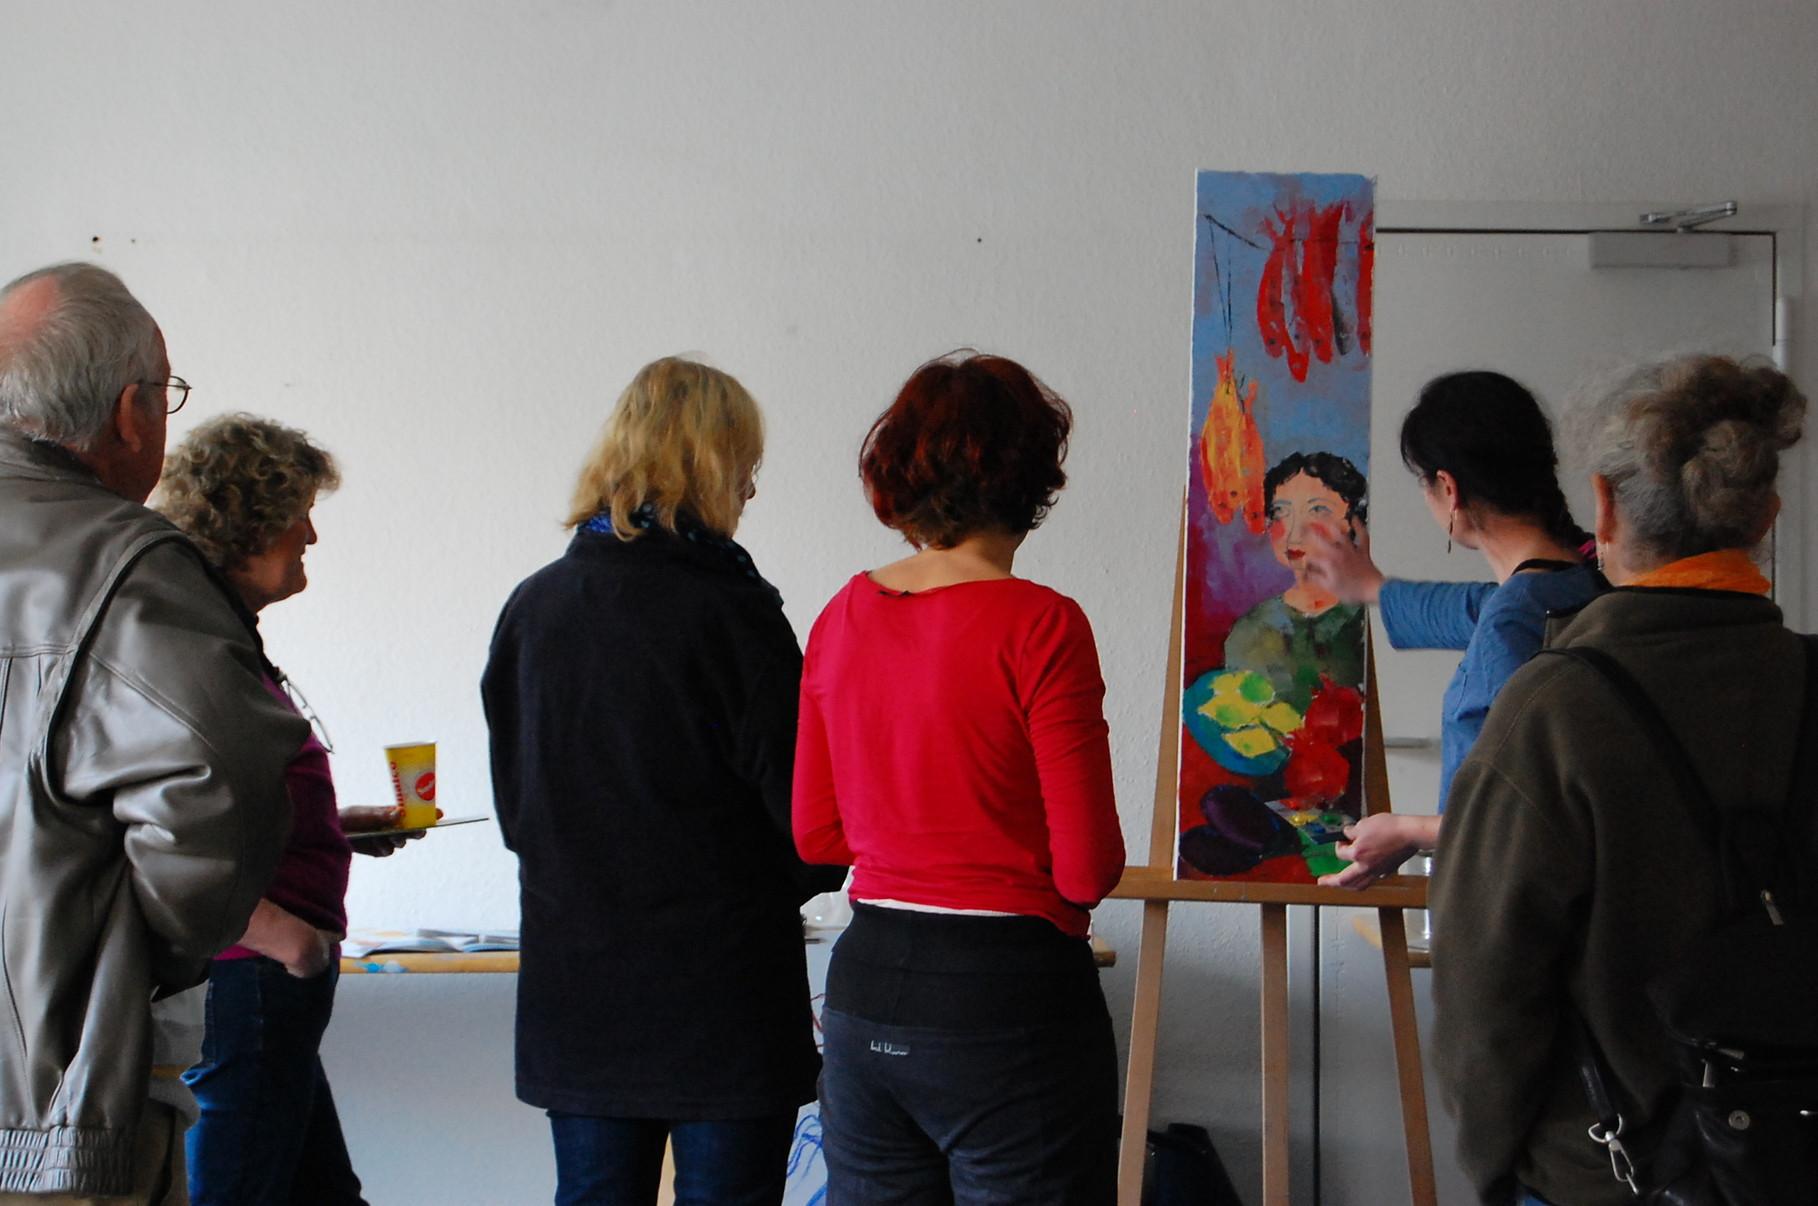 Künstlerin Megi Balzer bei Firma Boesner Kiel 2014/ Malerei in Mischtechnik- Sennelier Öl-Sticks, Tempera, Schelllacktusche, Ölfarben